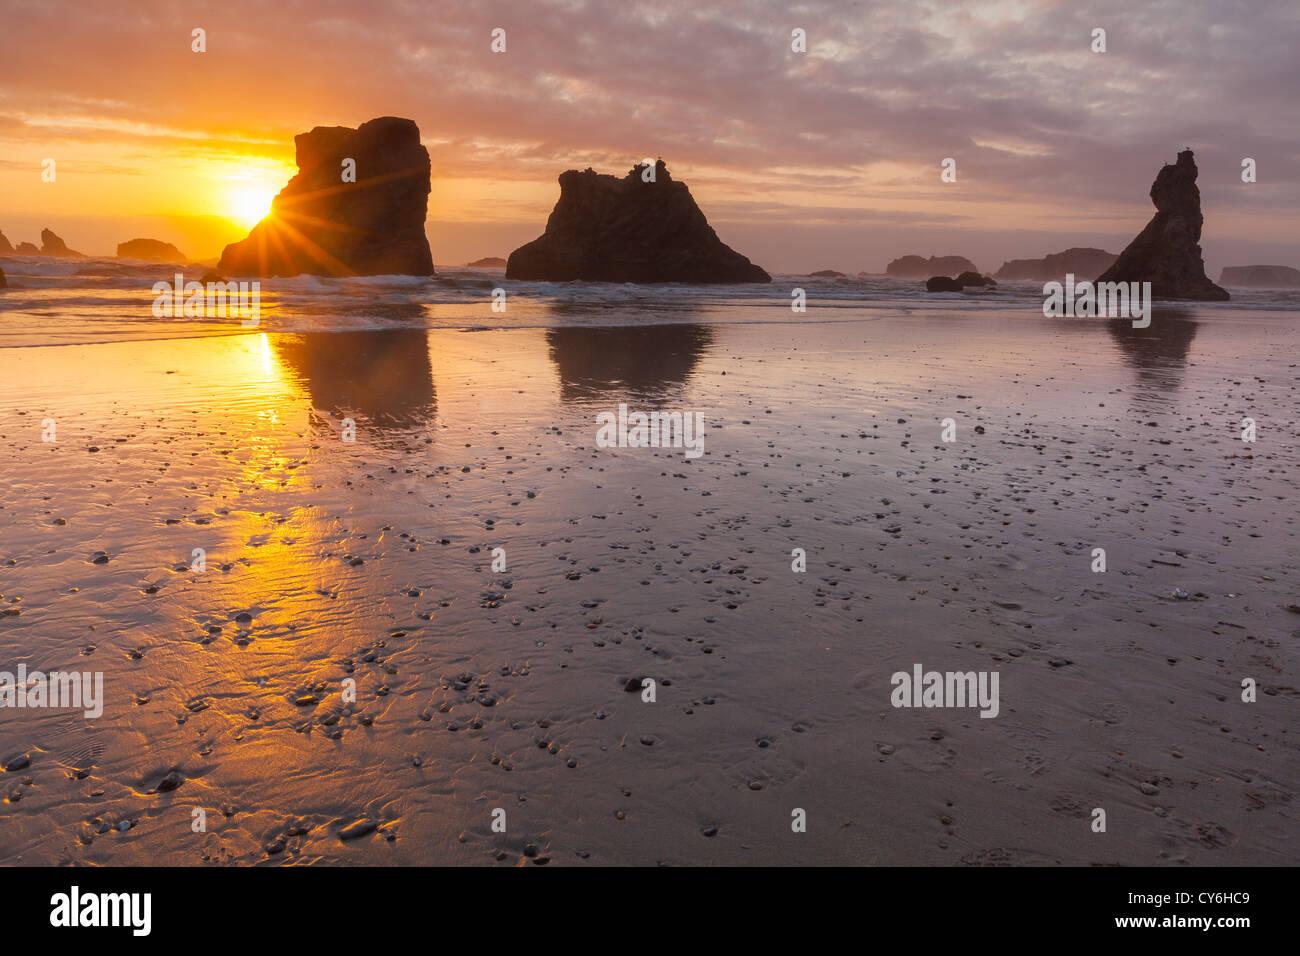 Stato di Bandon Park, Oregon: Tramonto riflessioni a bassa marea con stagliano seastacks al Bandon Beach Immagini Stock